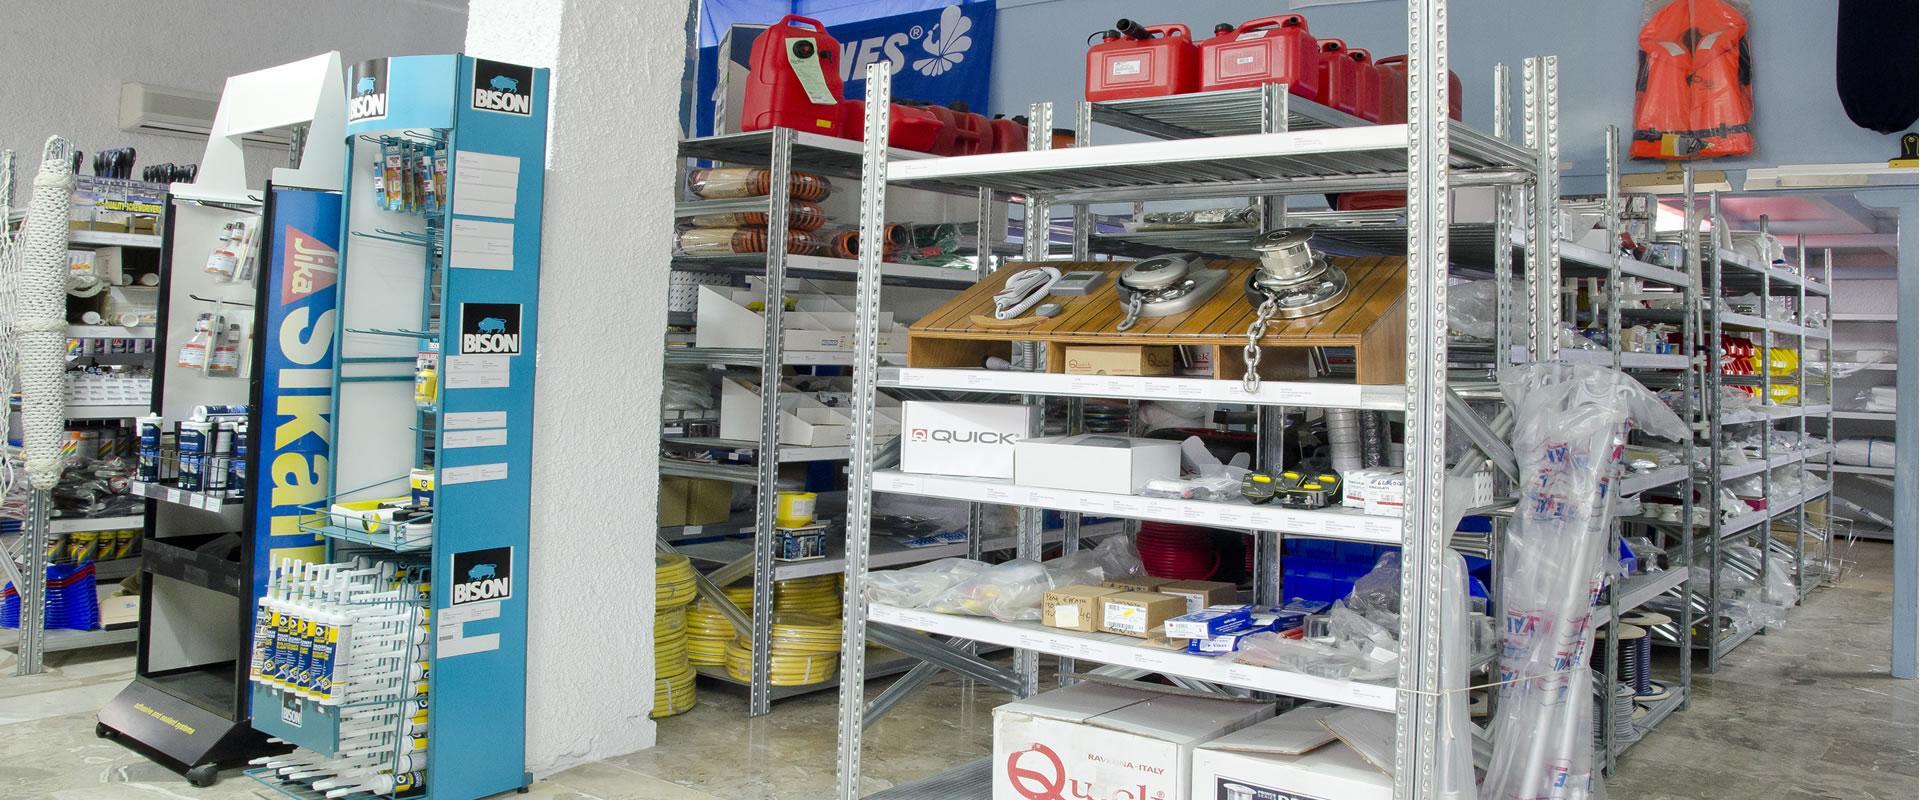 Basimakopoulos shipyard in Greece - Kilada Yard - Marine Store